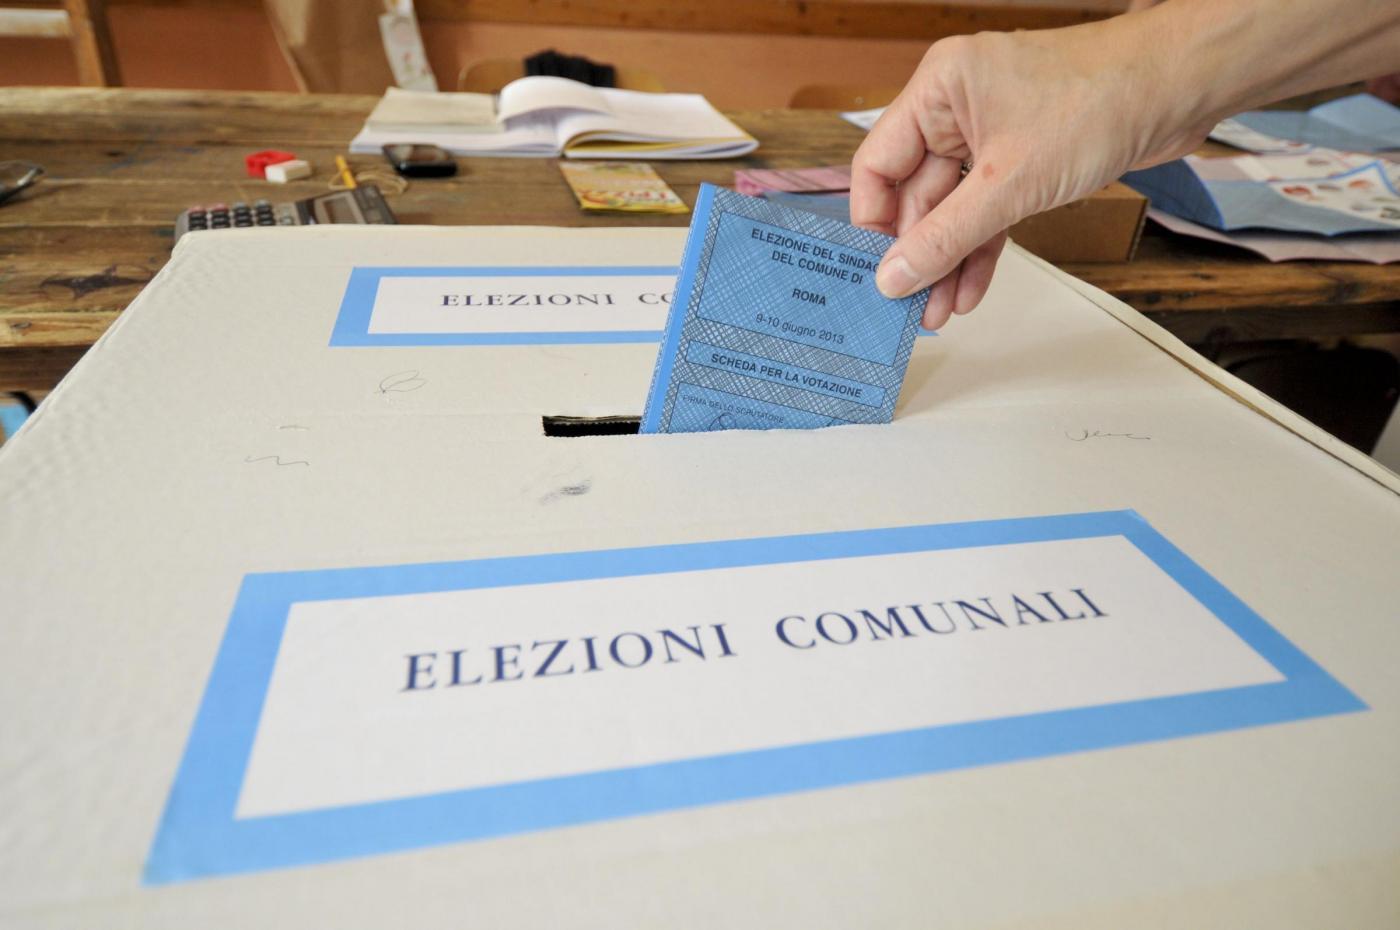 elezioni-amministrative-2013.jpg